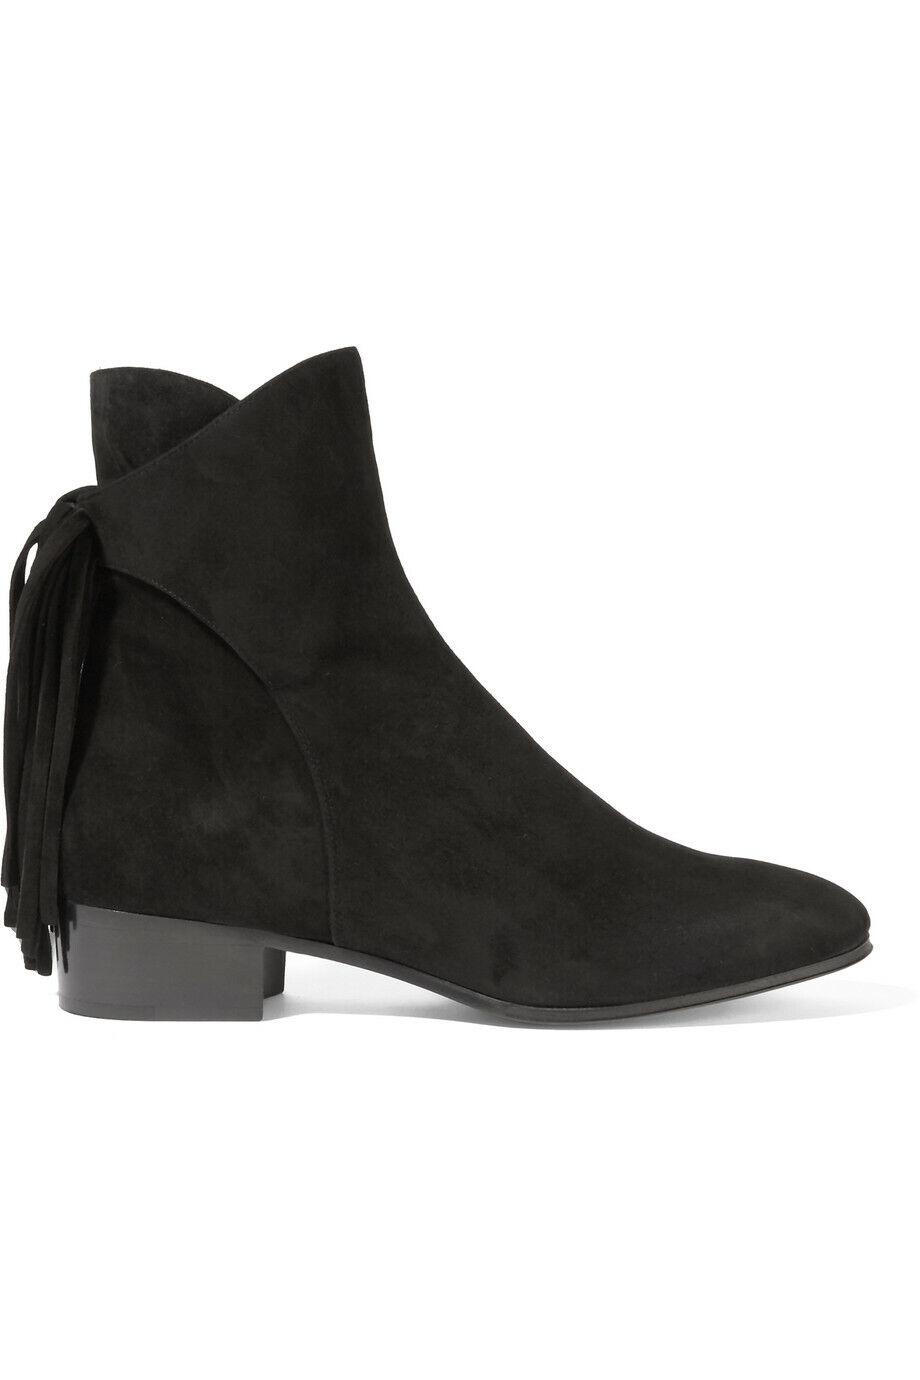 Chloe Ankle Stiefel Stiefeletten 37,5 Schwarz Leder Fransen Made in  Neu